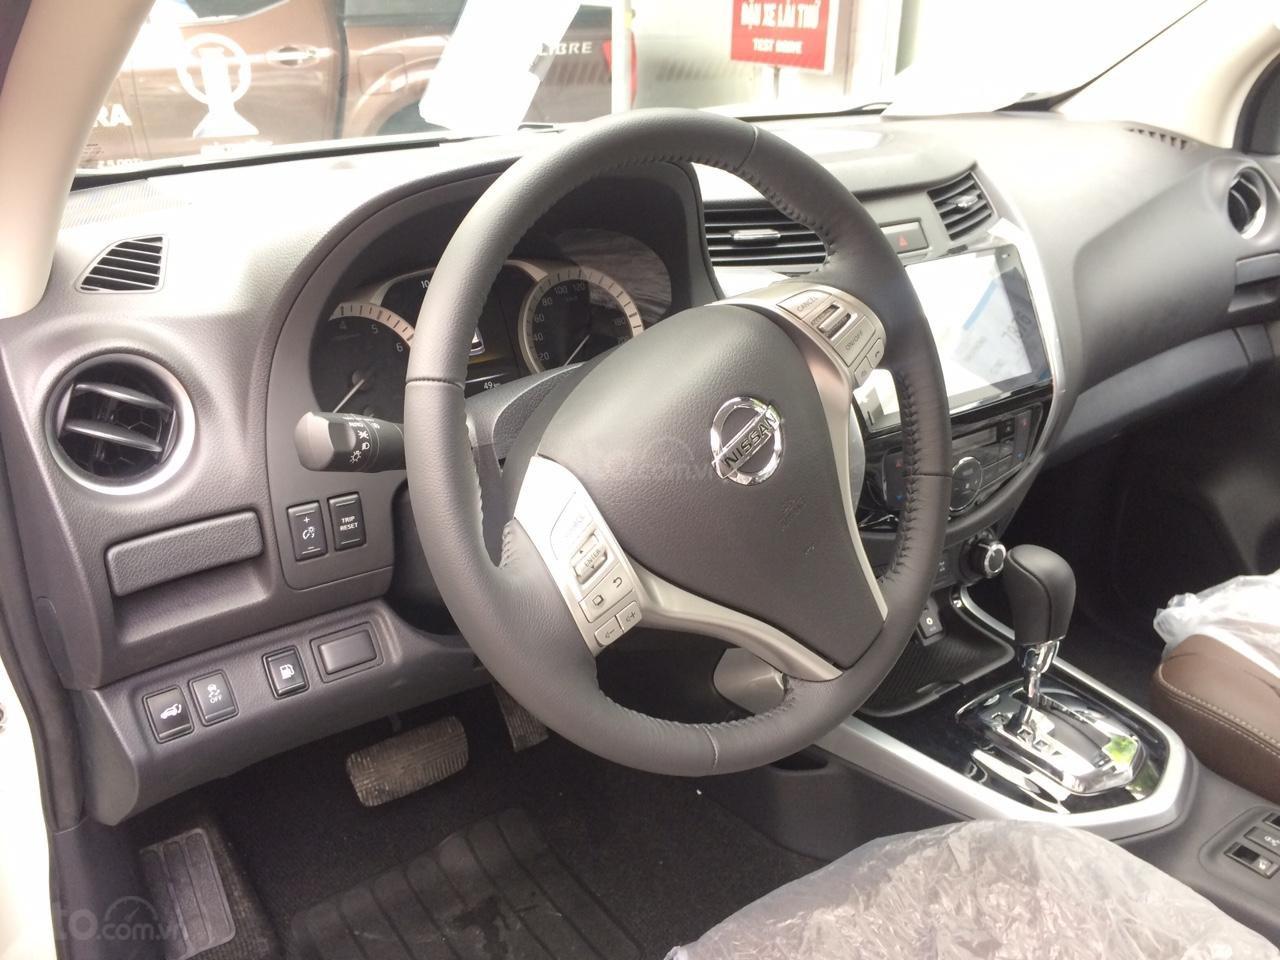 Cần bán Nissan Terra V 2.5 AT 4 WD sản xuất 2019, CTKM hấp dẫn, giao xe ngày, LH 0938466812-4